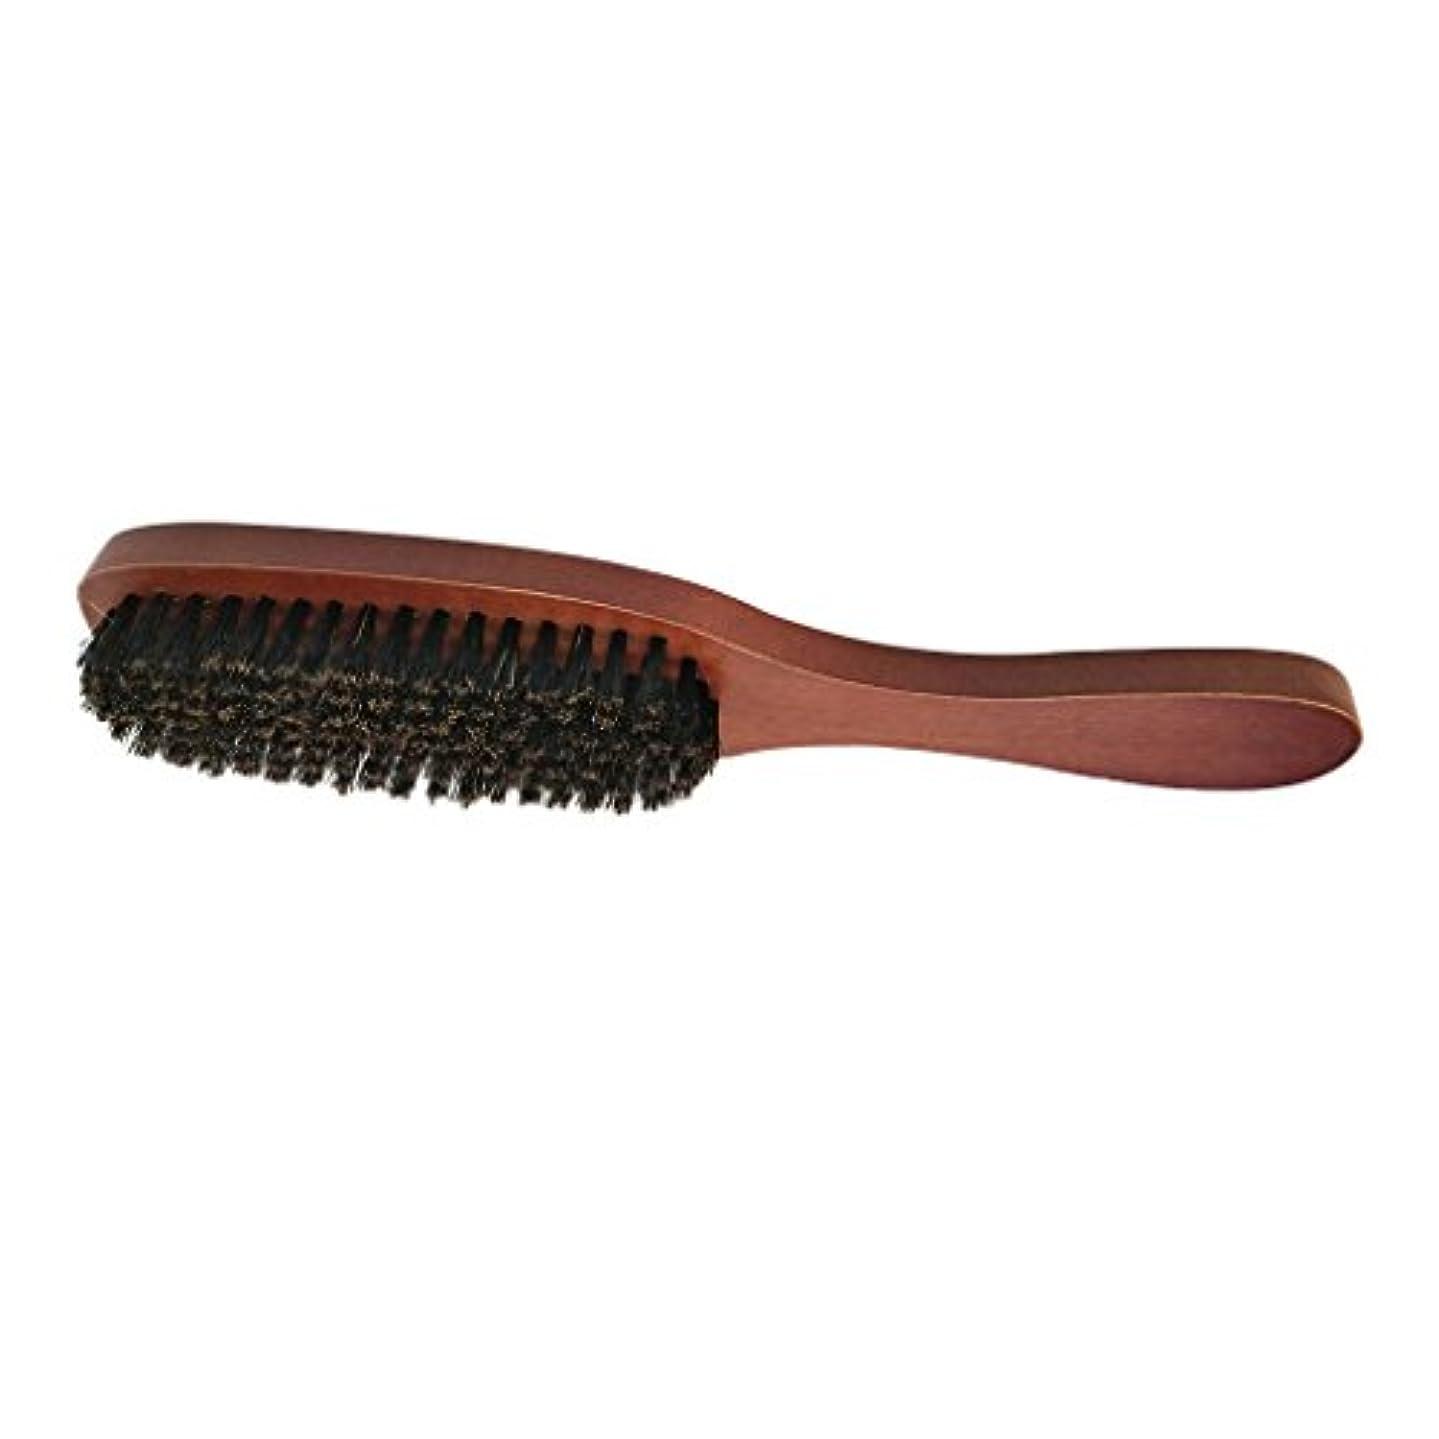 振動させる階段先男性ナチュラルしっかり剛毛ブラシひげ口ひげスタイリンググルーミングシェービング木製ハンドルくしすべてのひげバーム&オイル - #1